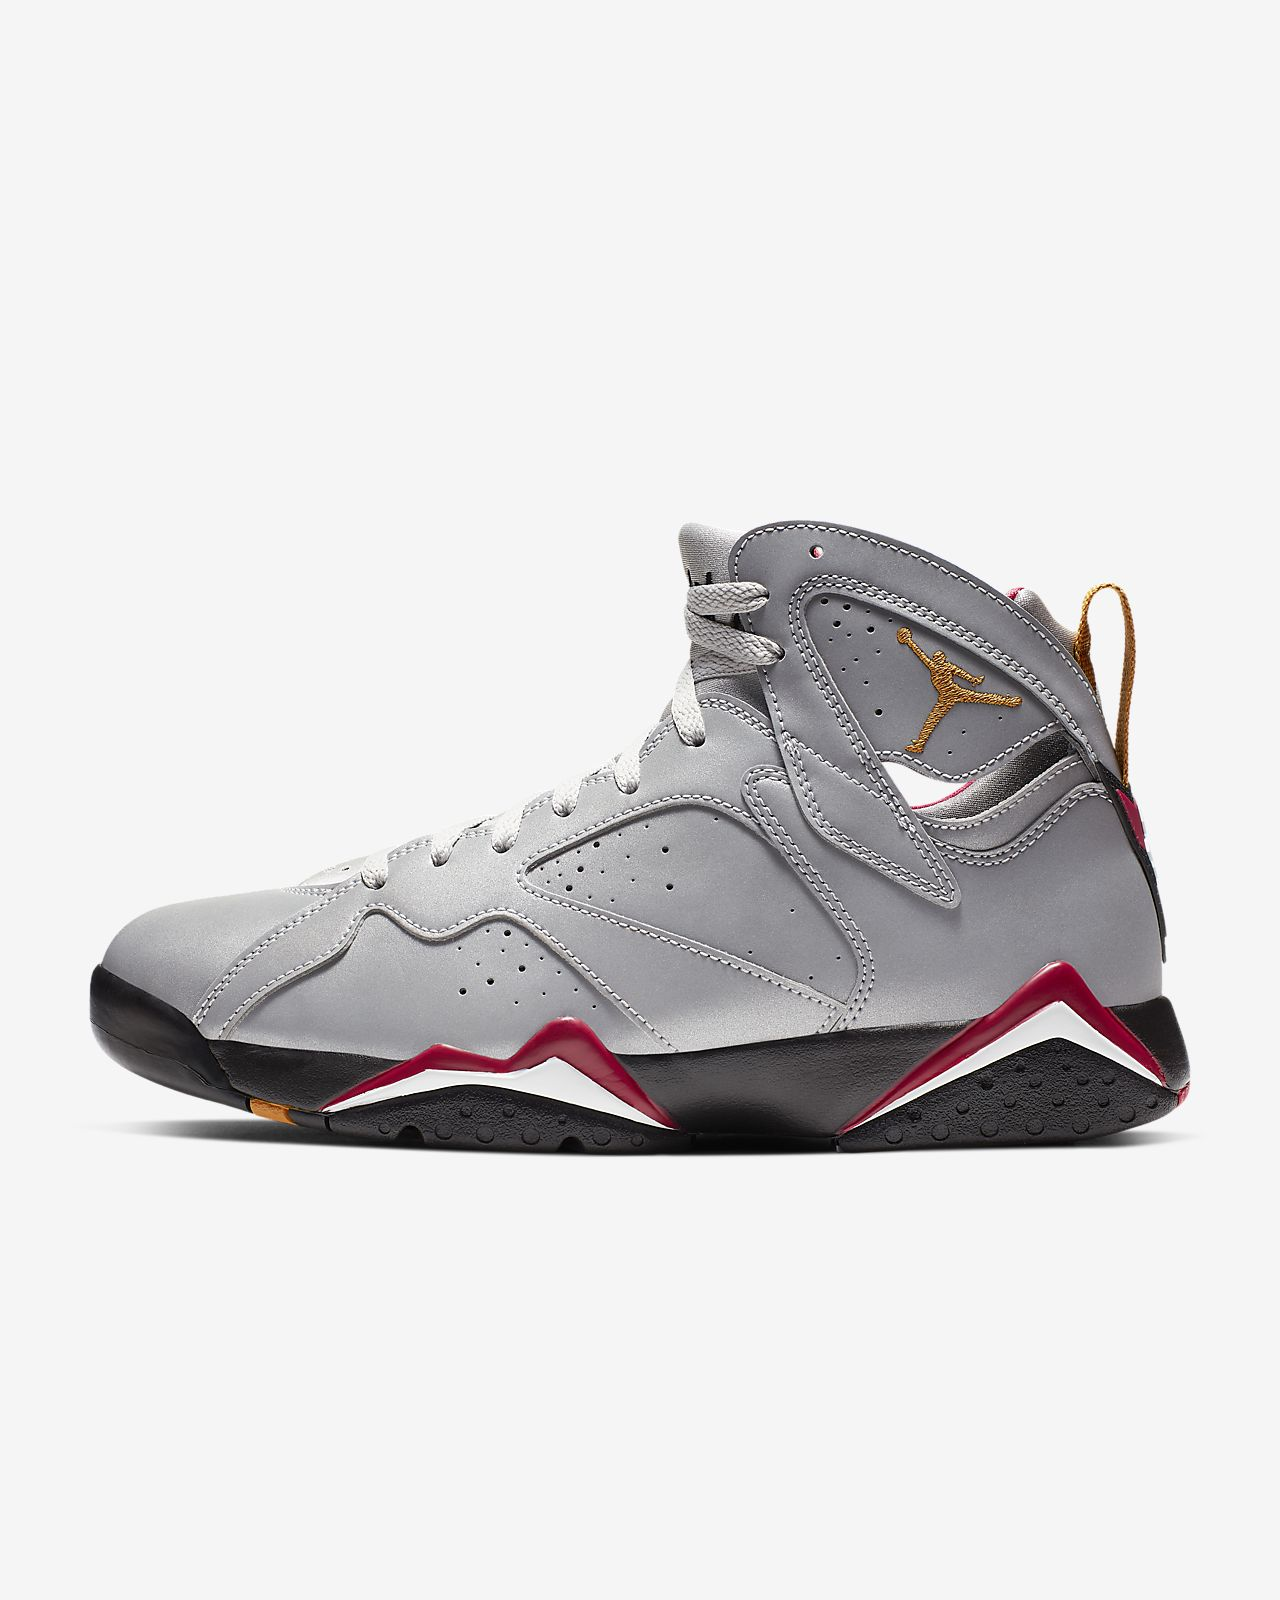 Air Jordan 7 Retro SP 男鞋